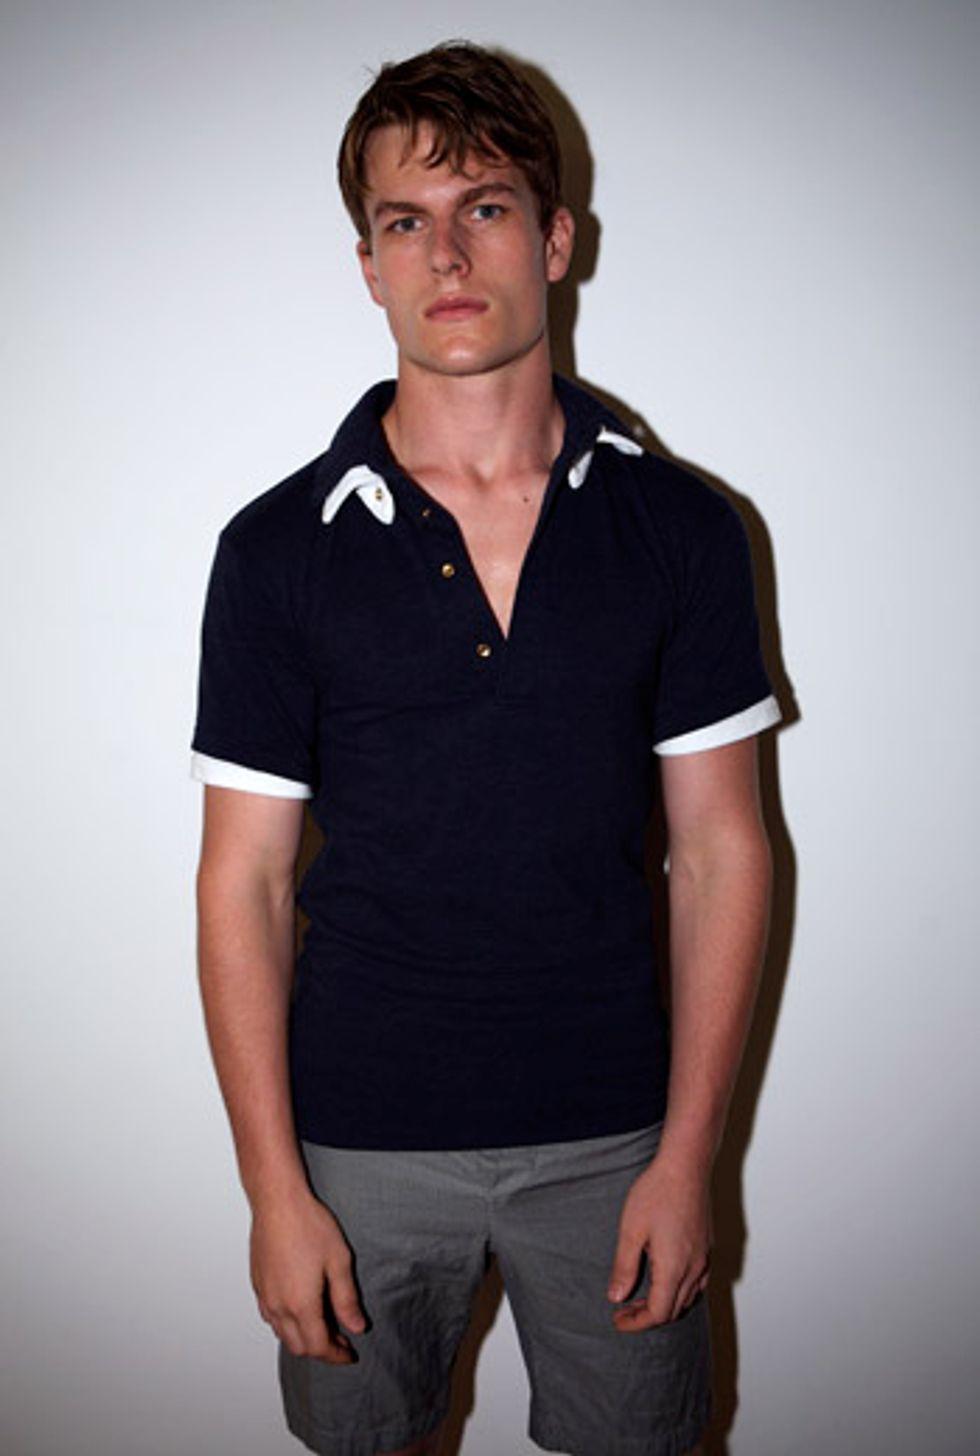 Peter Davis' Status Update: Victor Glemaud's Gorgeous, Glamorous Guys